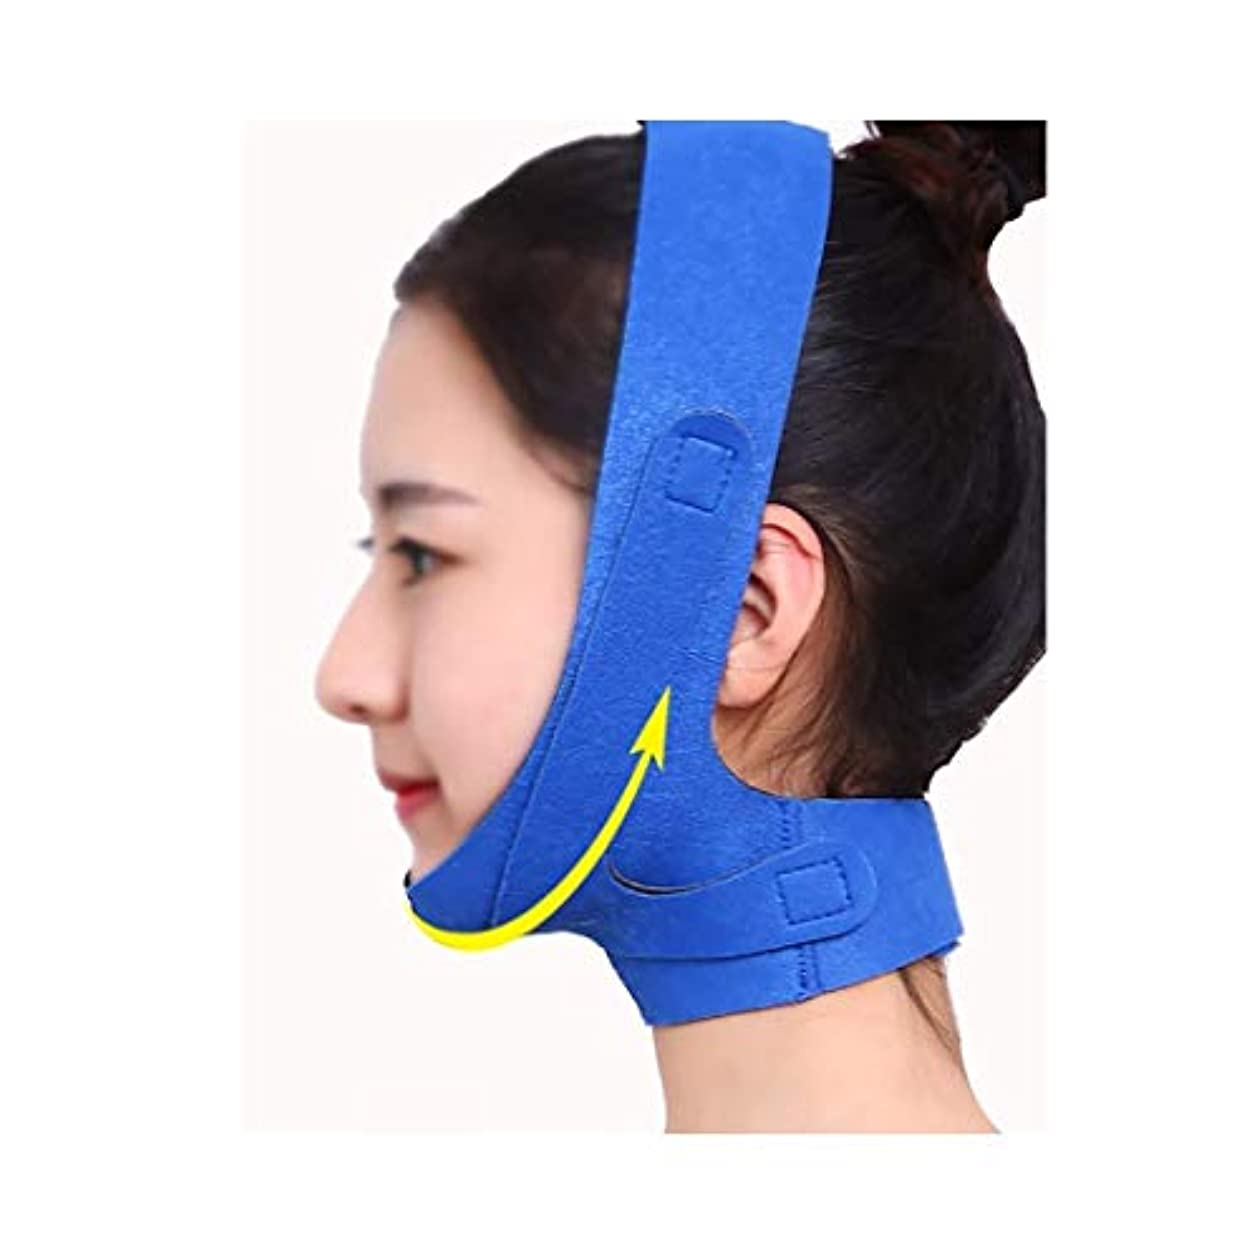 代わりに非行先のことを考えるフェイスリフトマスク、あごストラップ回復包帯睡眠薄いフェイスバンデージ薄いフェイスマスクフェイスリフトアーティファクトフェイスリフト美容マスク包帯青いフェイスマスクで小さなV顔を強化するには